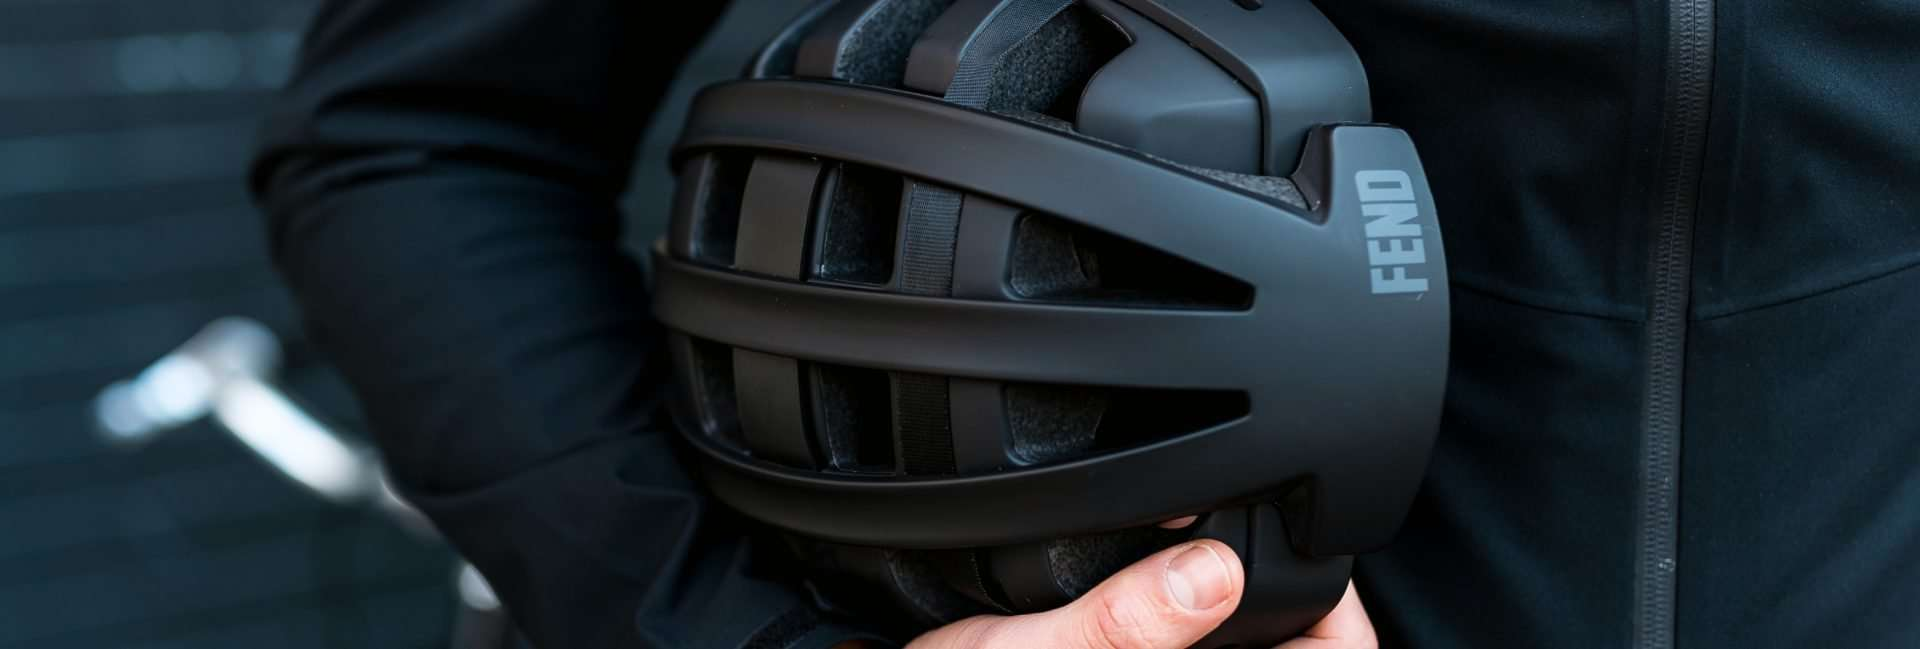 Fend helmet in black tucked under arm